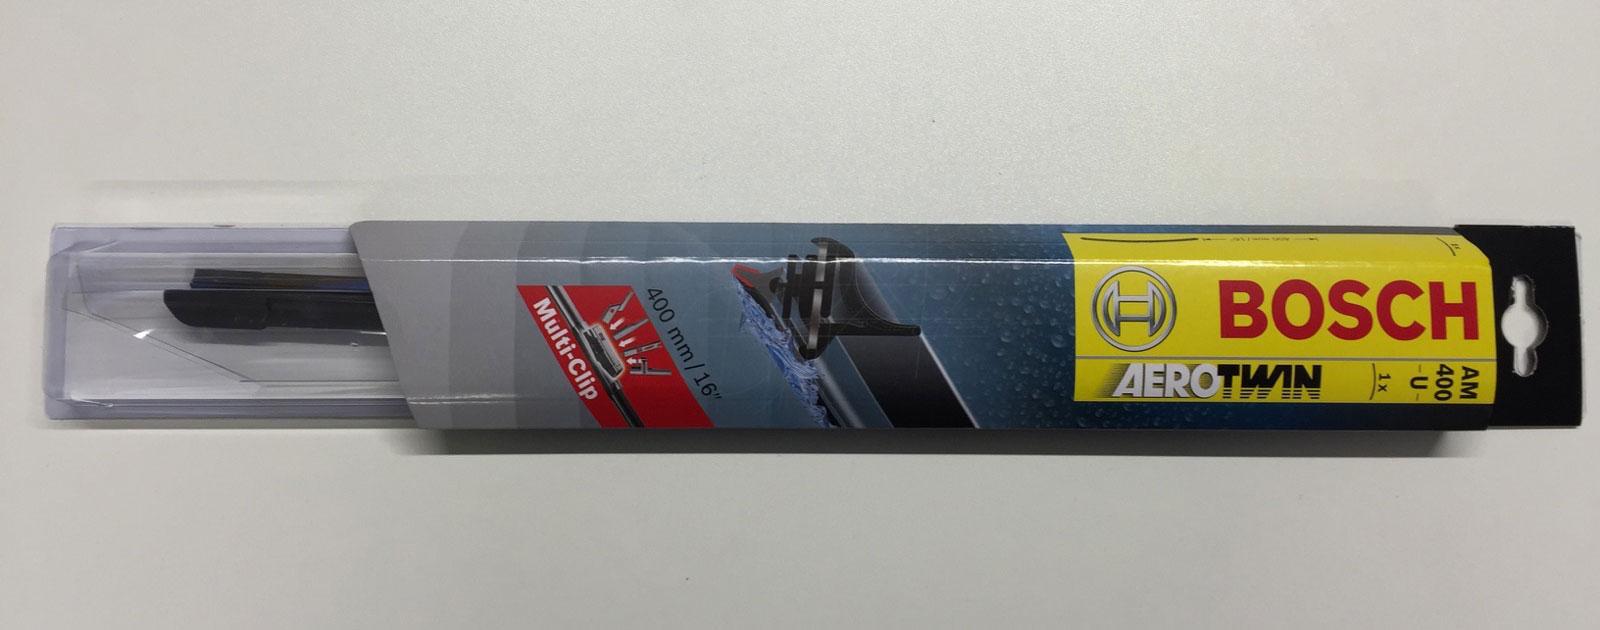 Scheibenwischer / Wischblatt Bosch AEROTWIN AM600U Single Bild 1